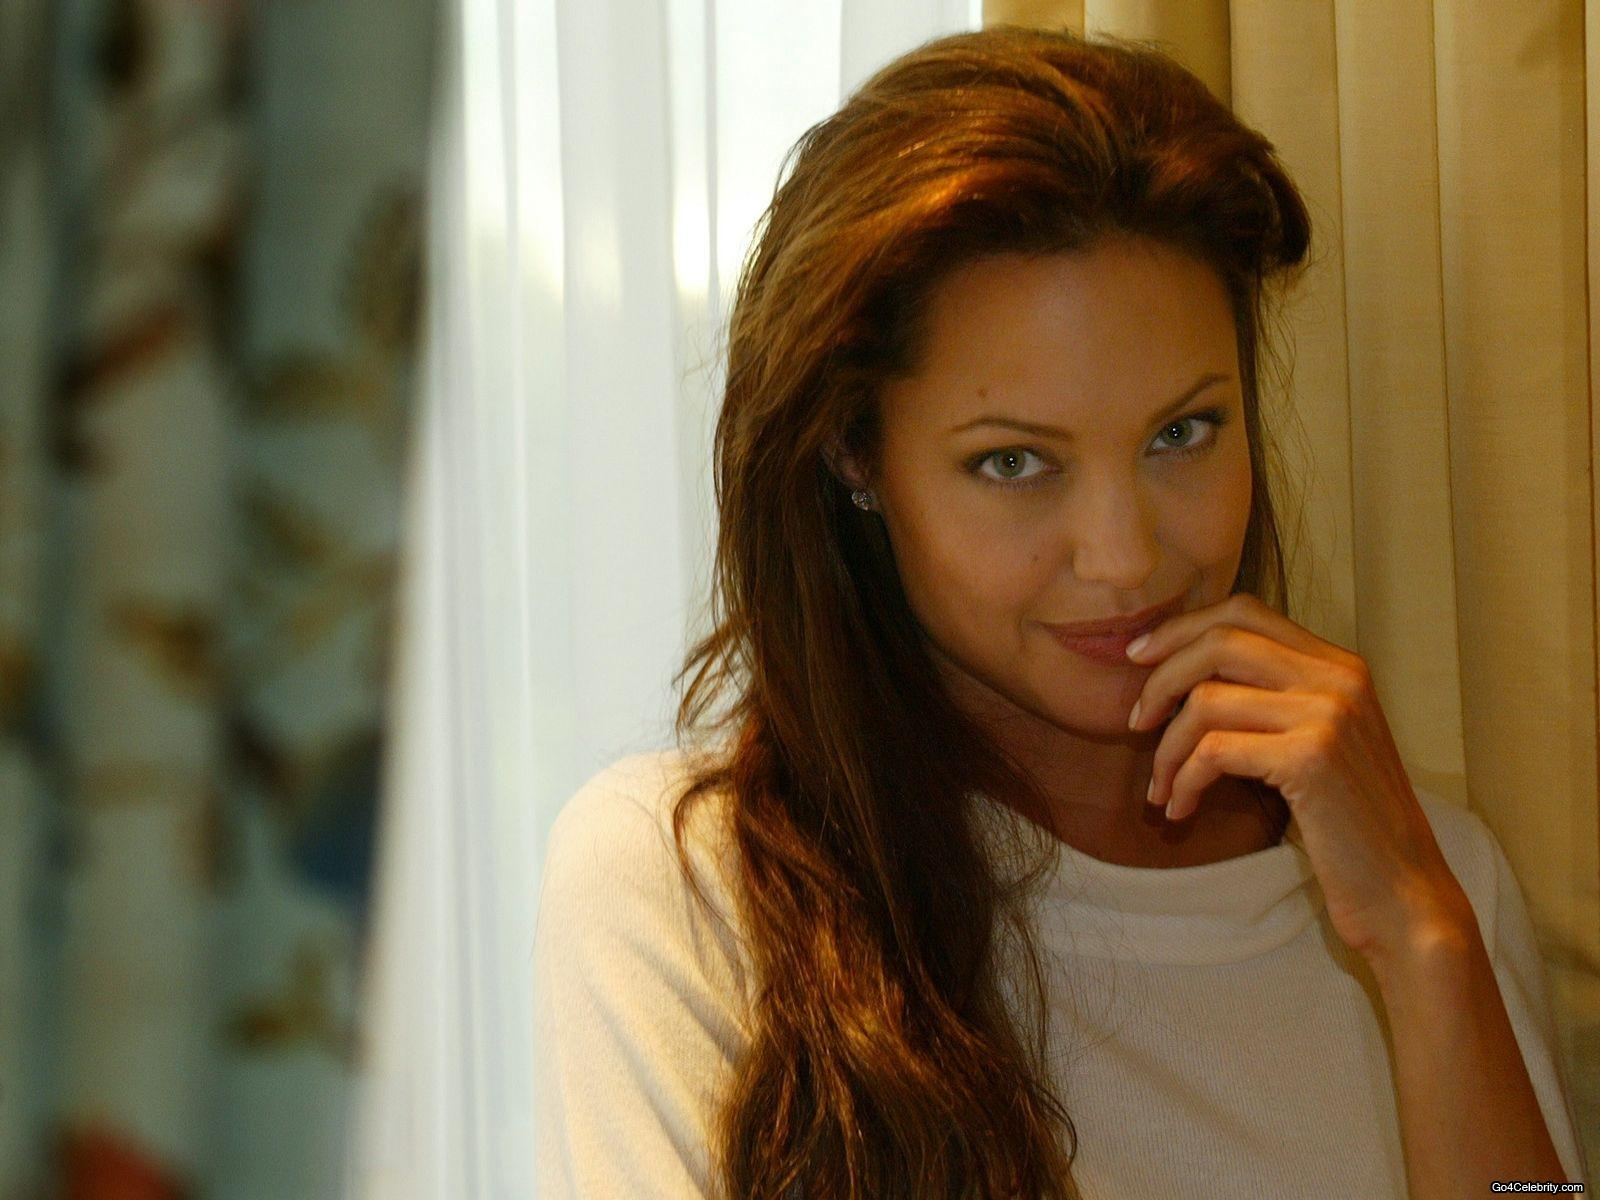 http://1.bp.blogspot.com/-GcxY8avATkI/UBTkgfDtAII/AAAAAAAAMa8/ufOeif-10p8/s1600/Angelina-Jolie-166.jpg